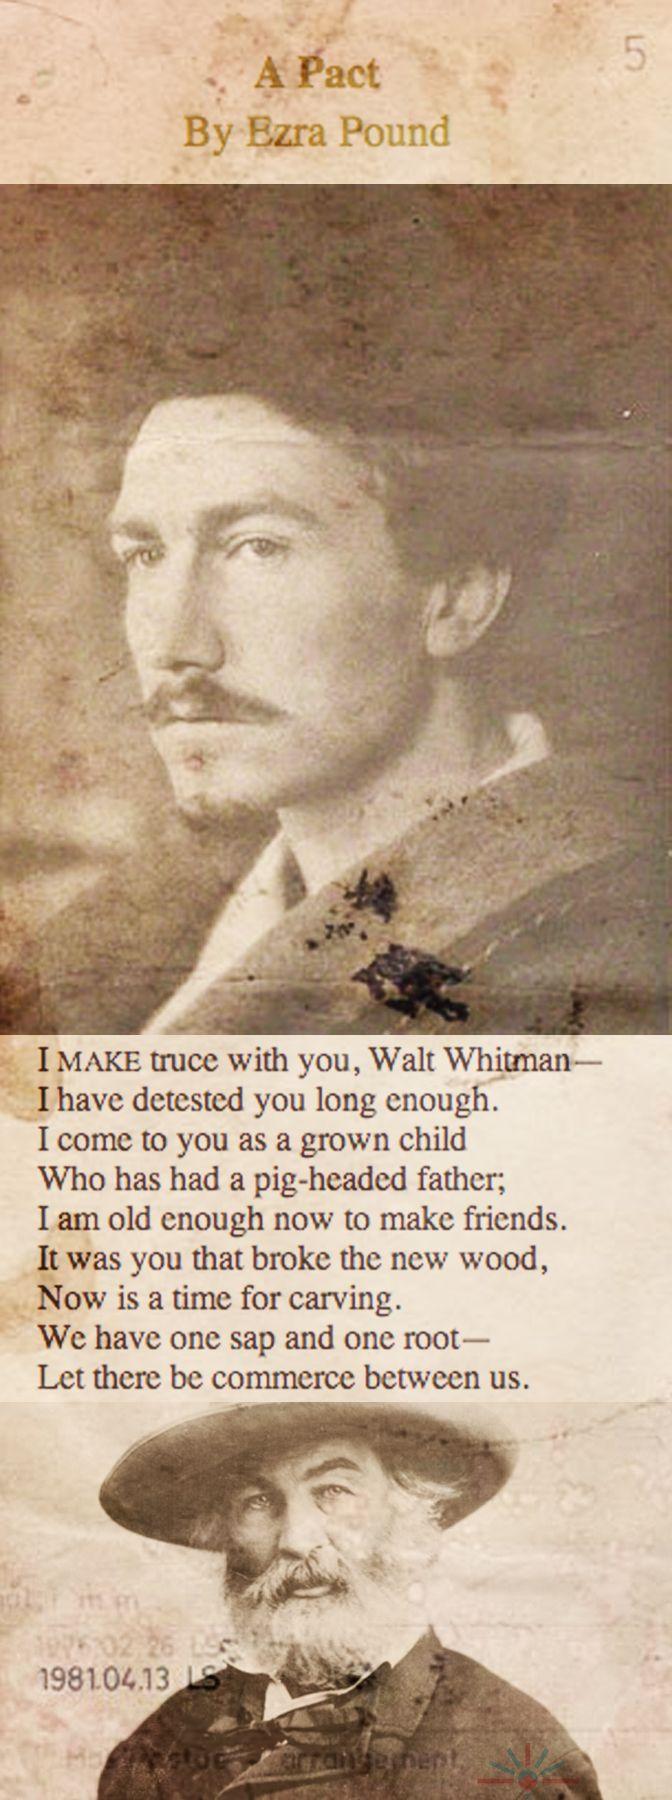 'A Pact' by Ezra Pound - a poem for Walt Whitman